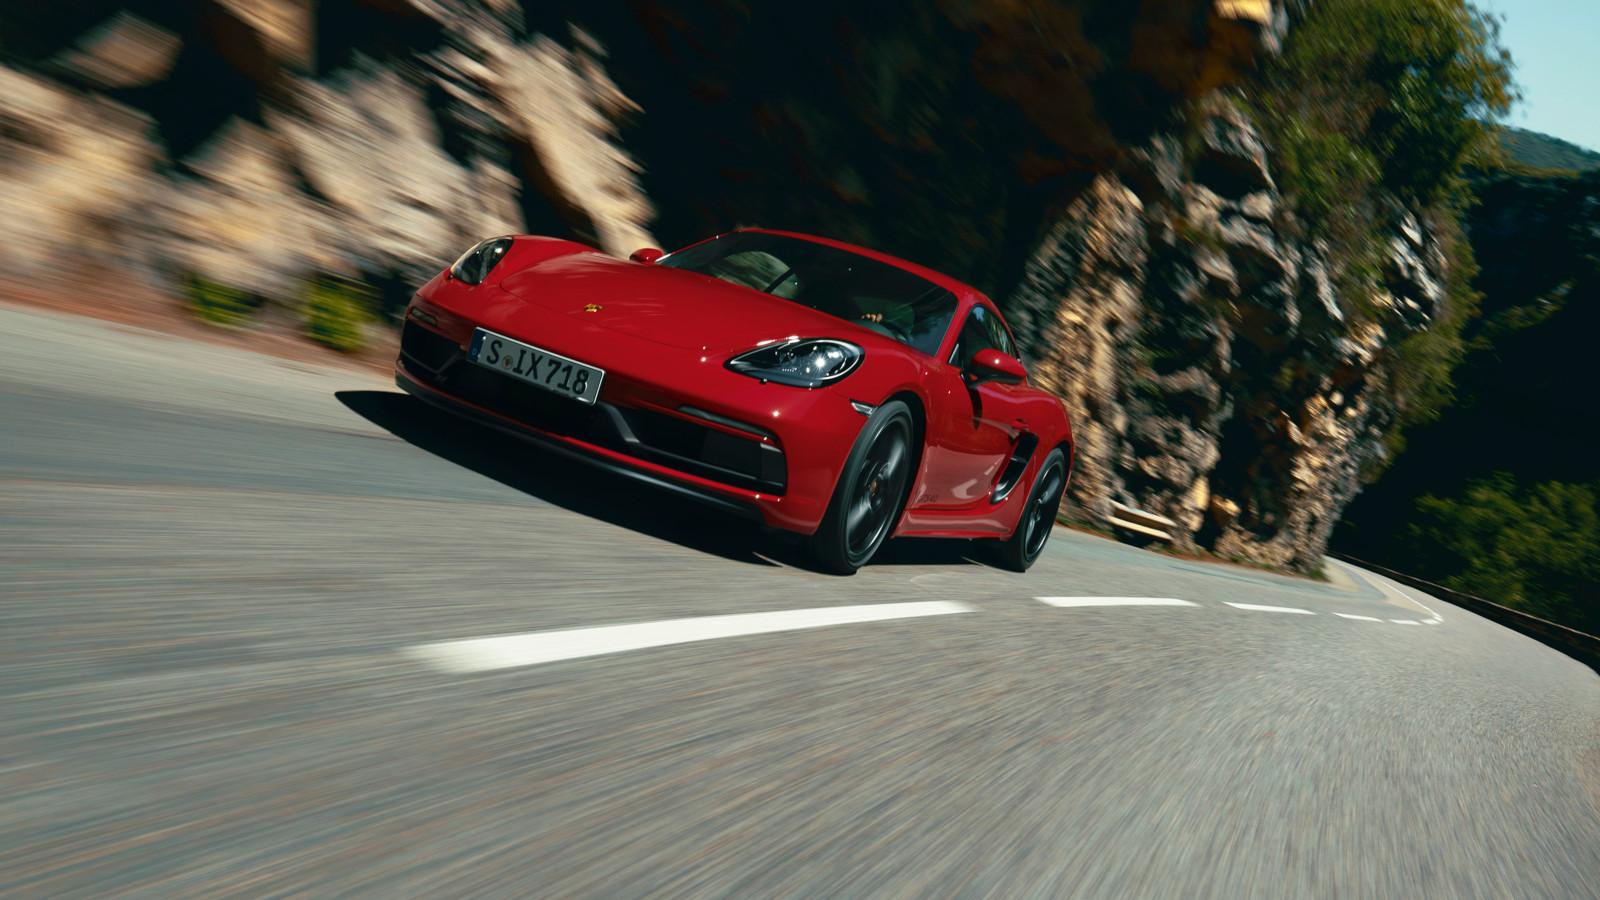 Porsche agrega transmisión PDK a sus modelos 718